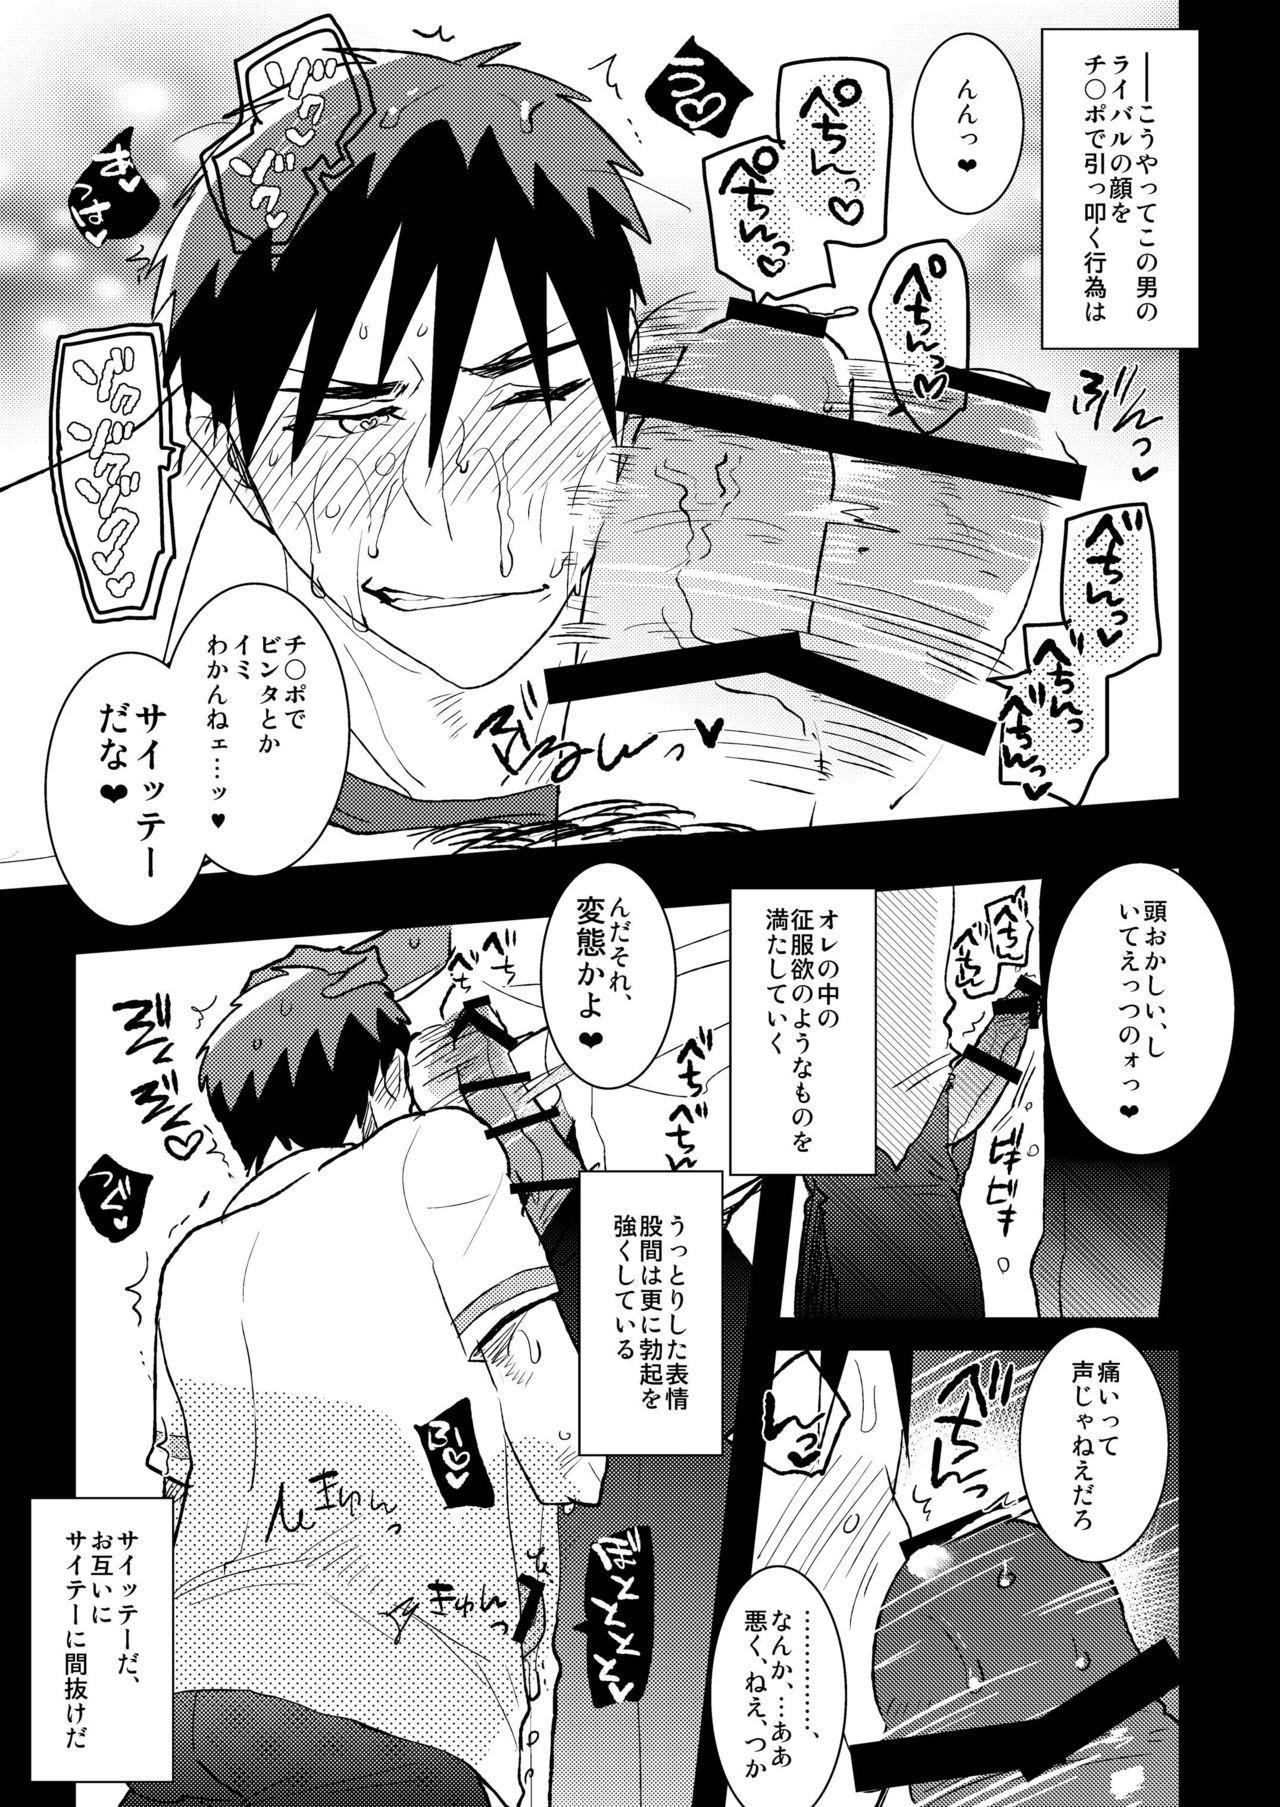 Kagami-kun no Ero hon 9 Ippatsuyara Sete Kure! 15